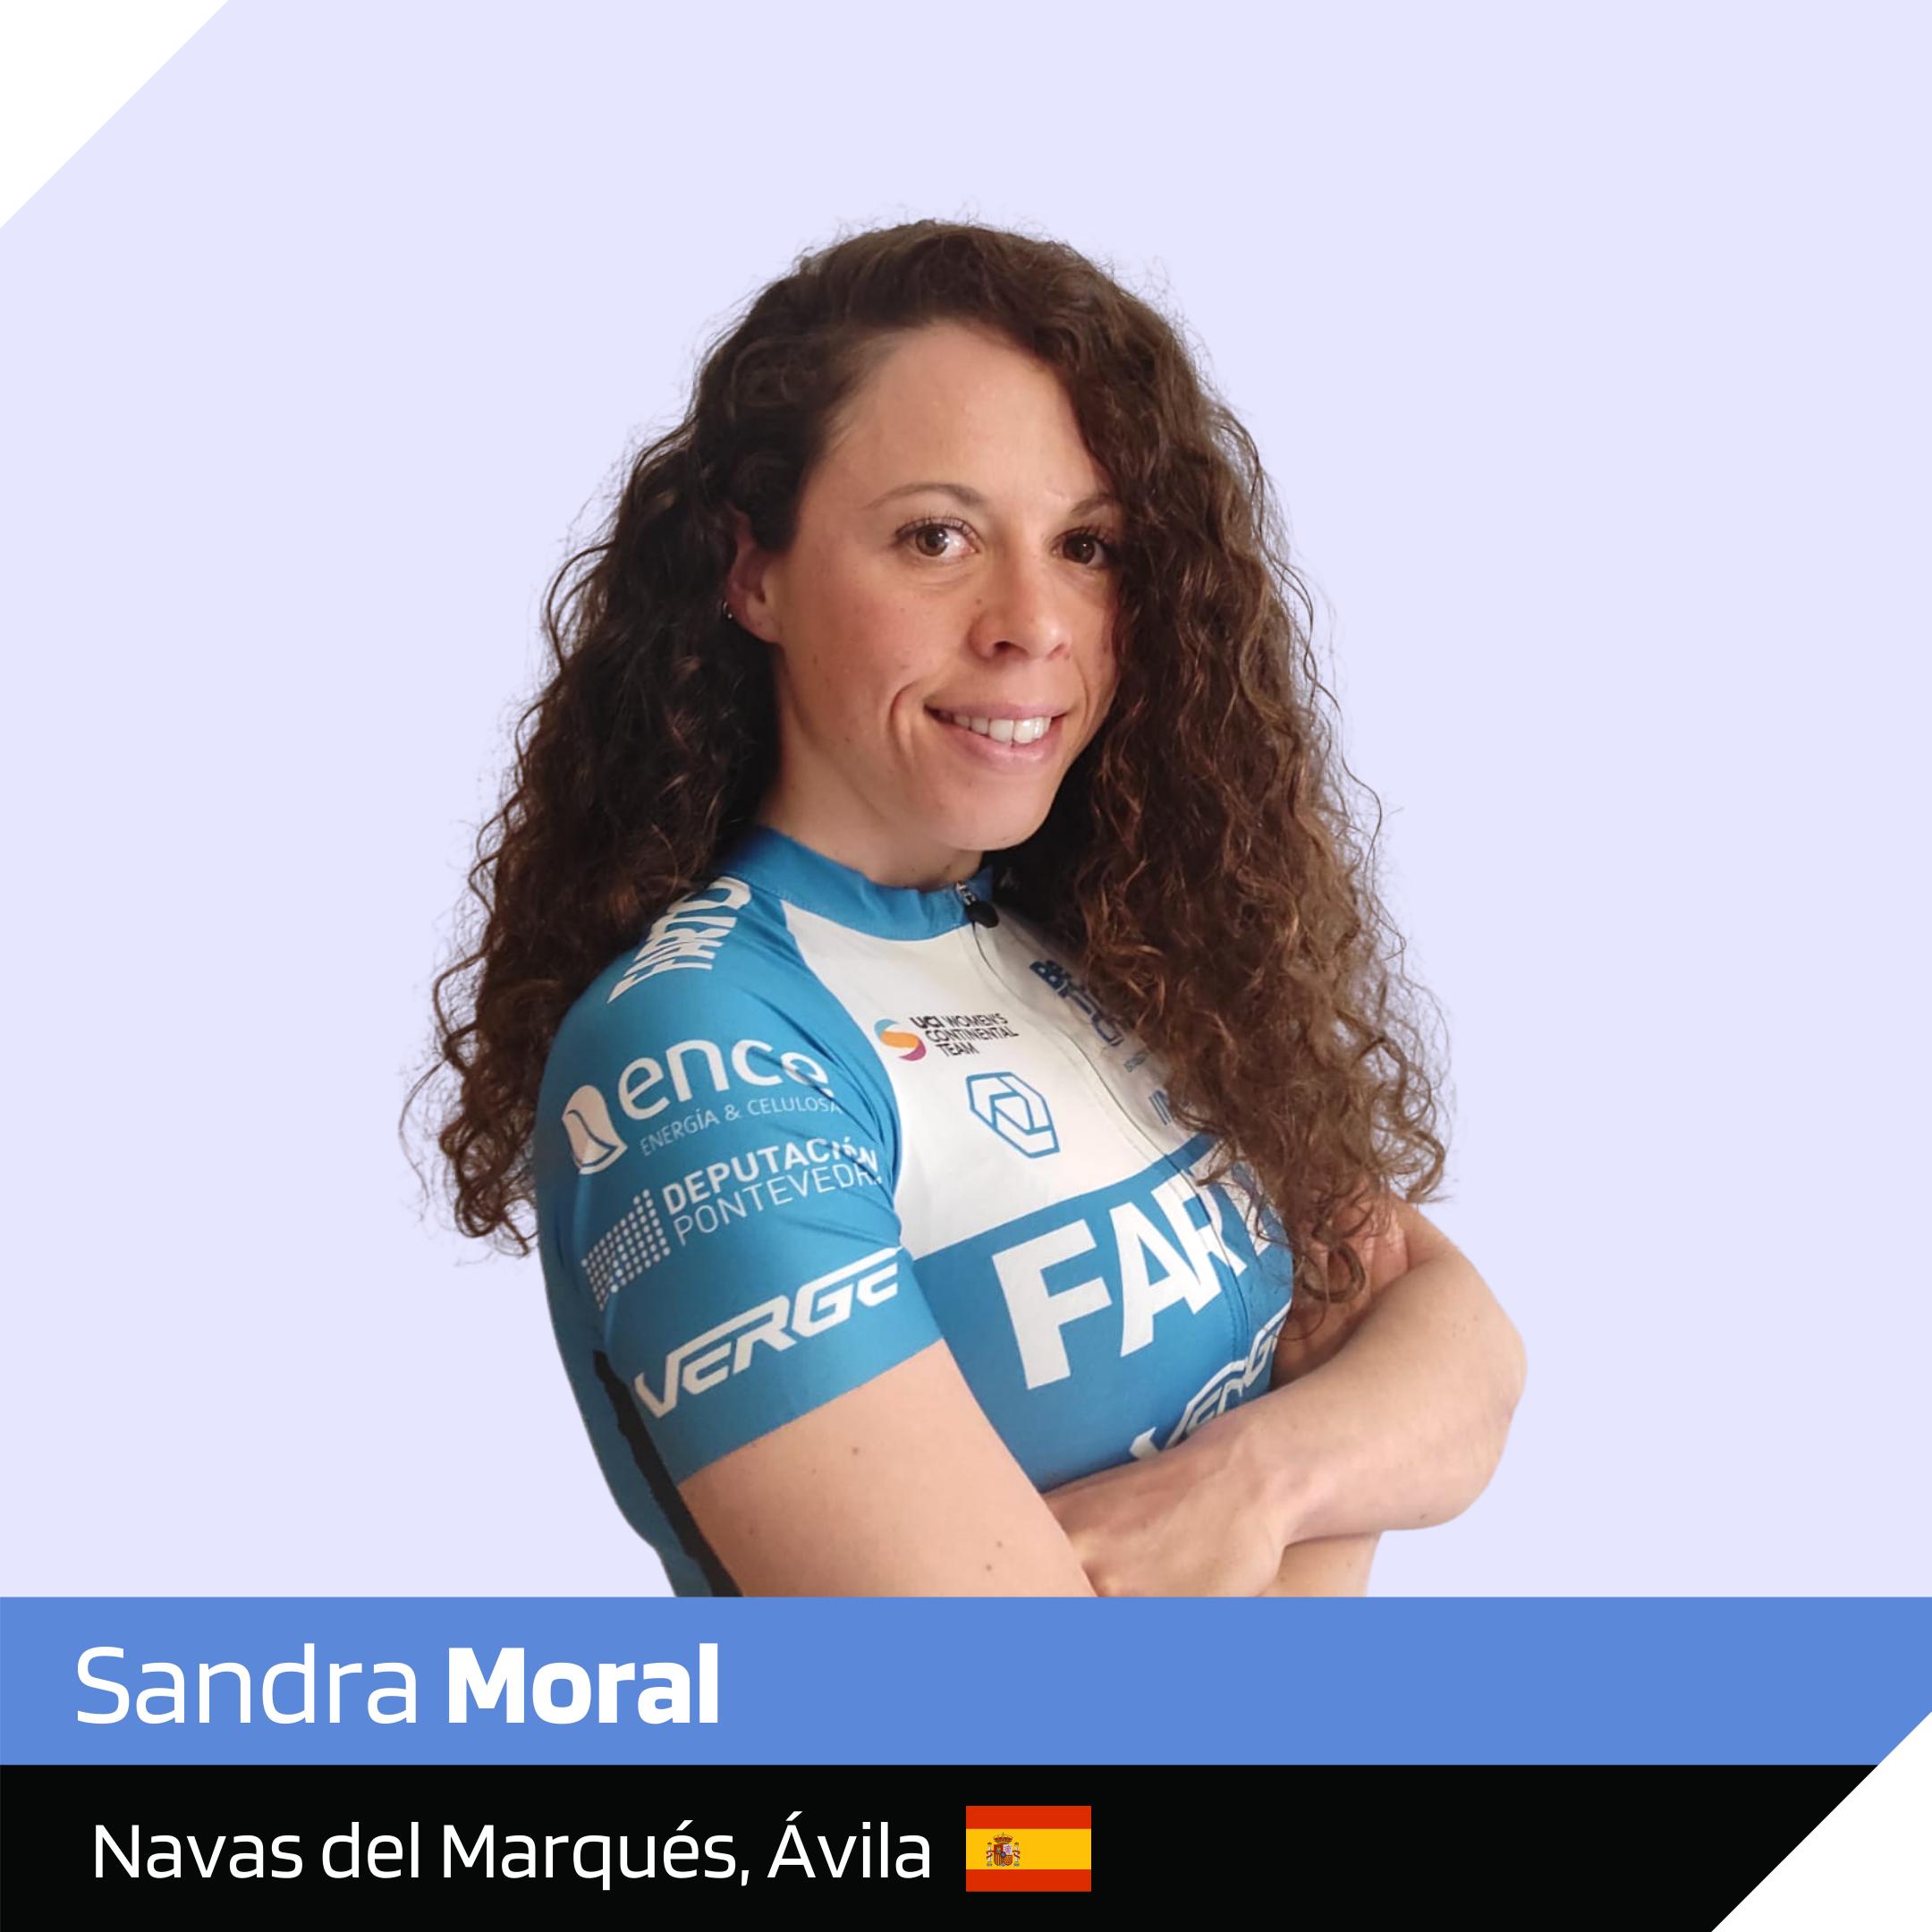 Sandra Moral